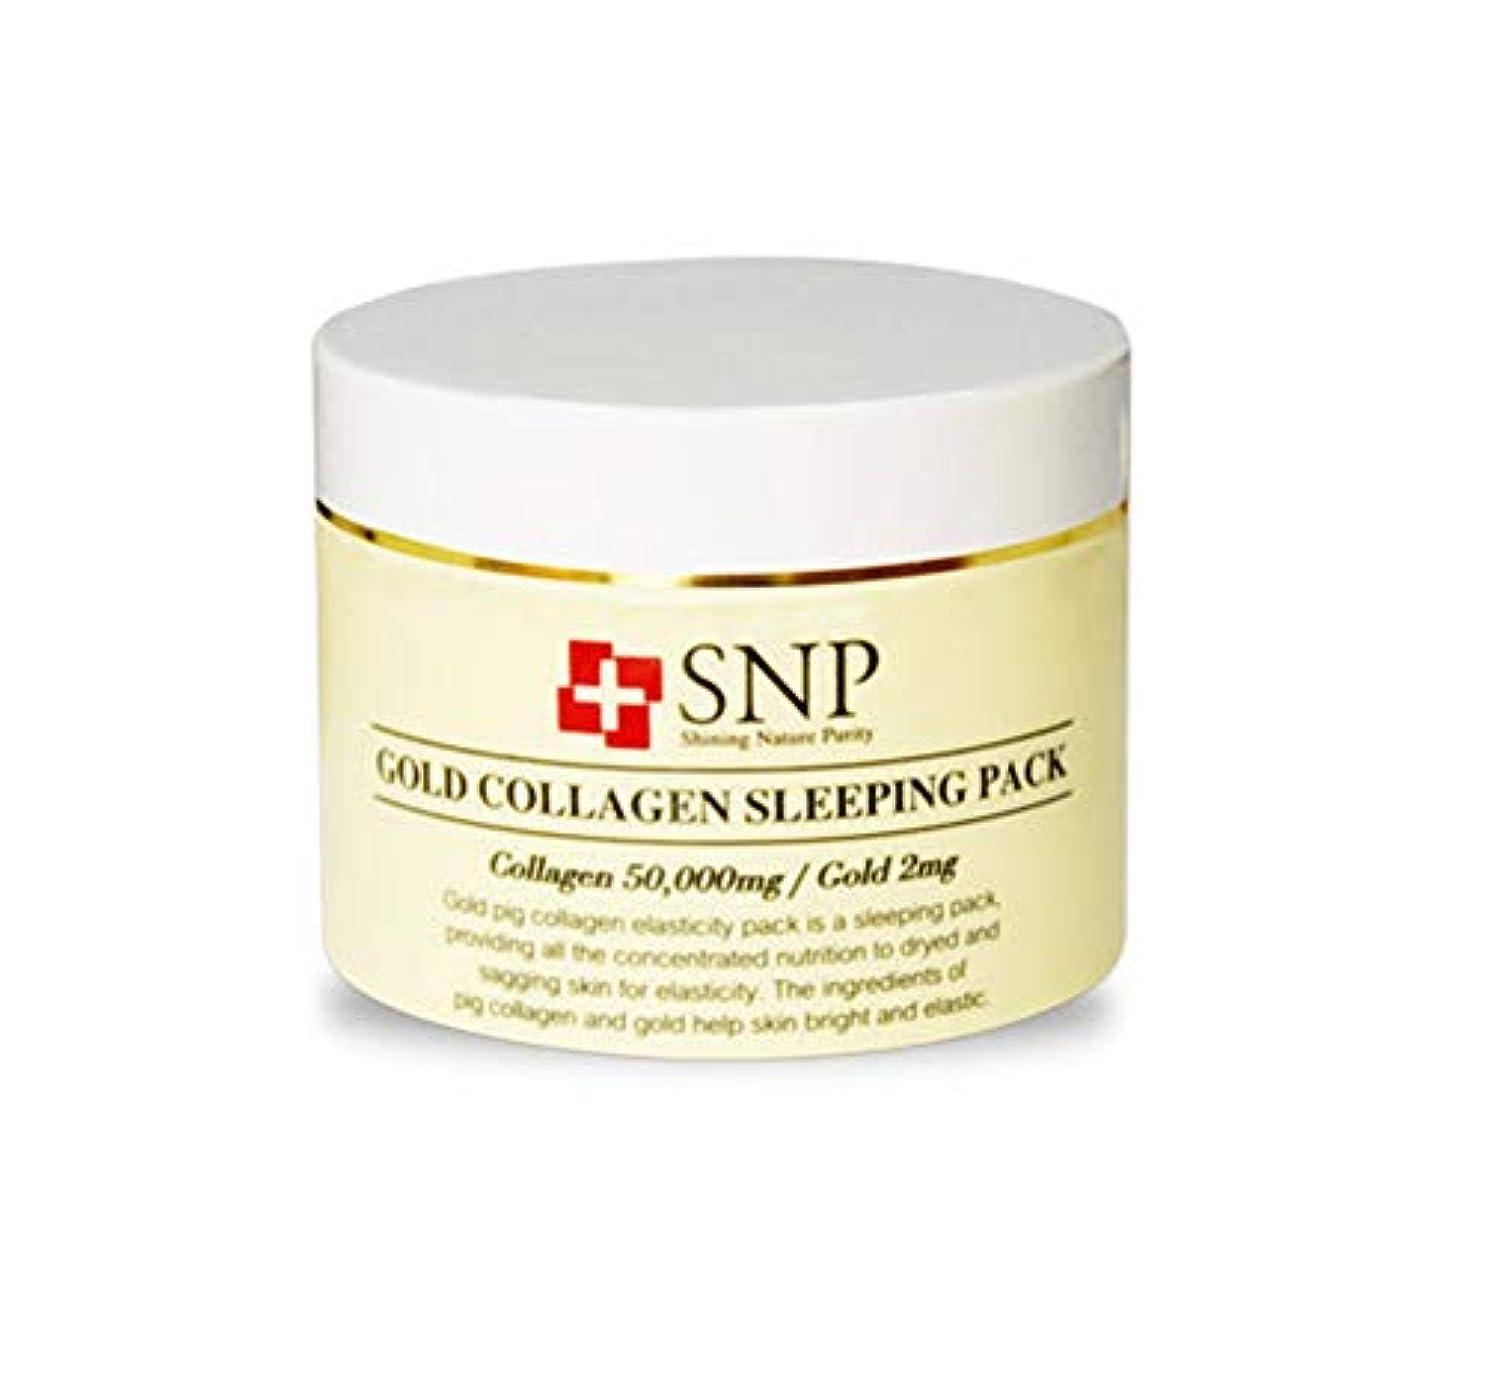 すべて警告島エスエンピSNP 韓国コスメ ゴールドコラーゲンスリーピングパック睡眠パック100g 海外直送品 SNP Gold Collagen Sleeping Pack Night Cream [並行輸入品]